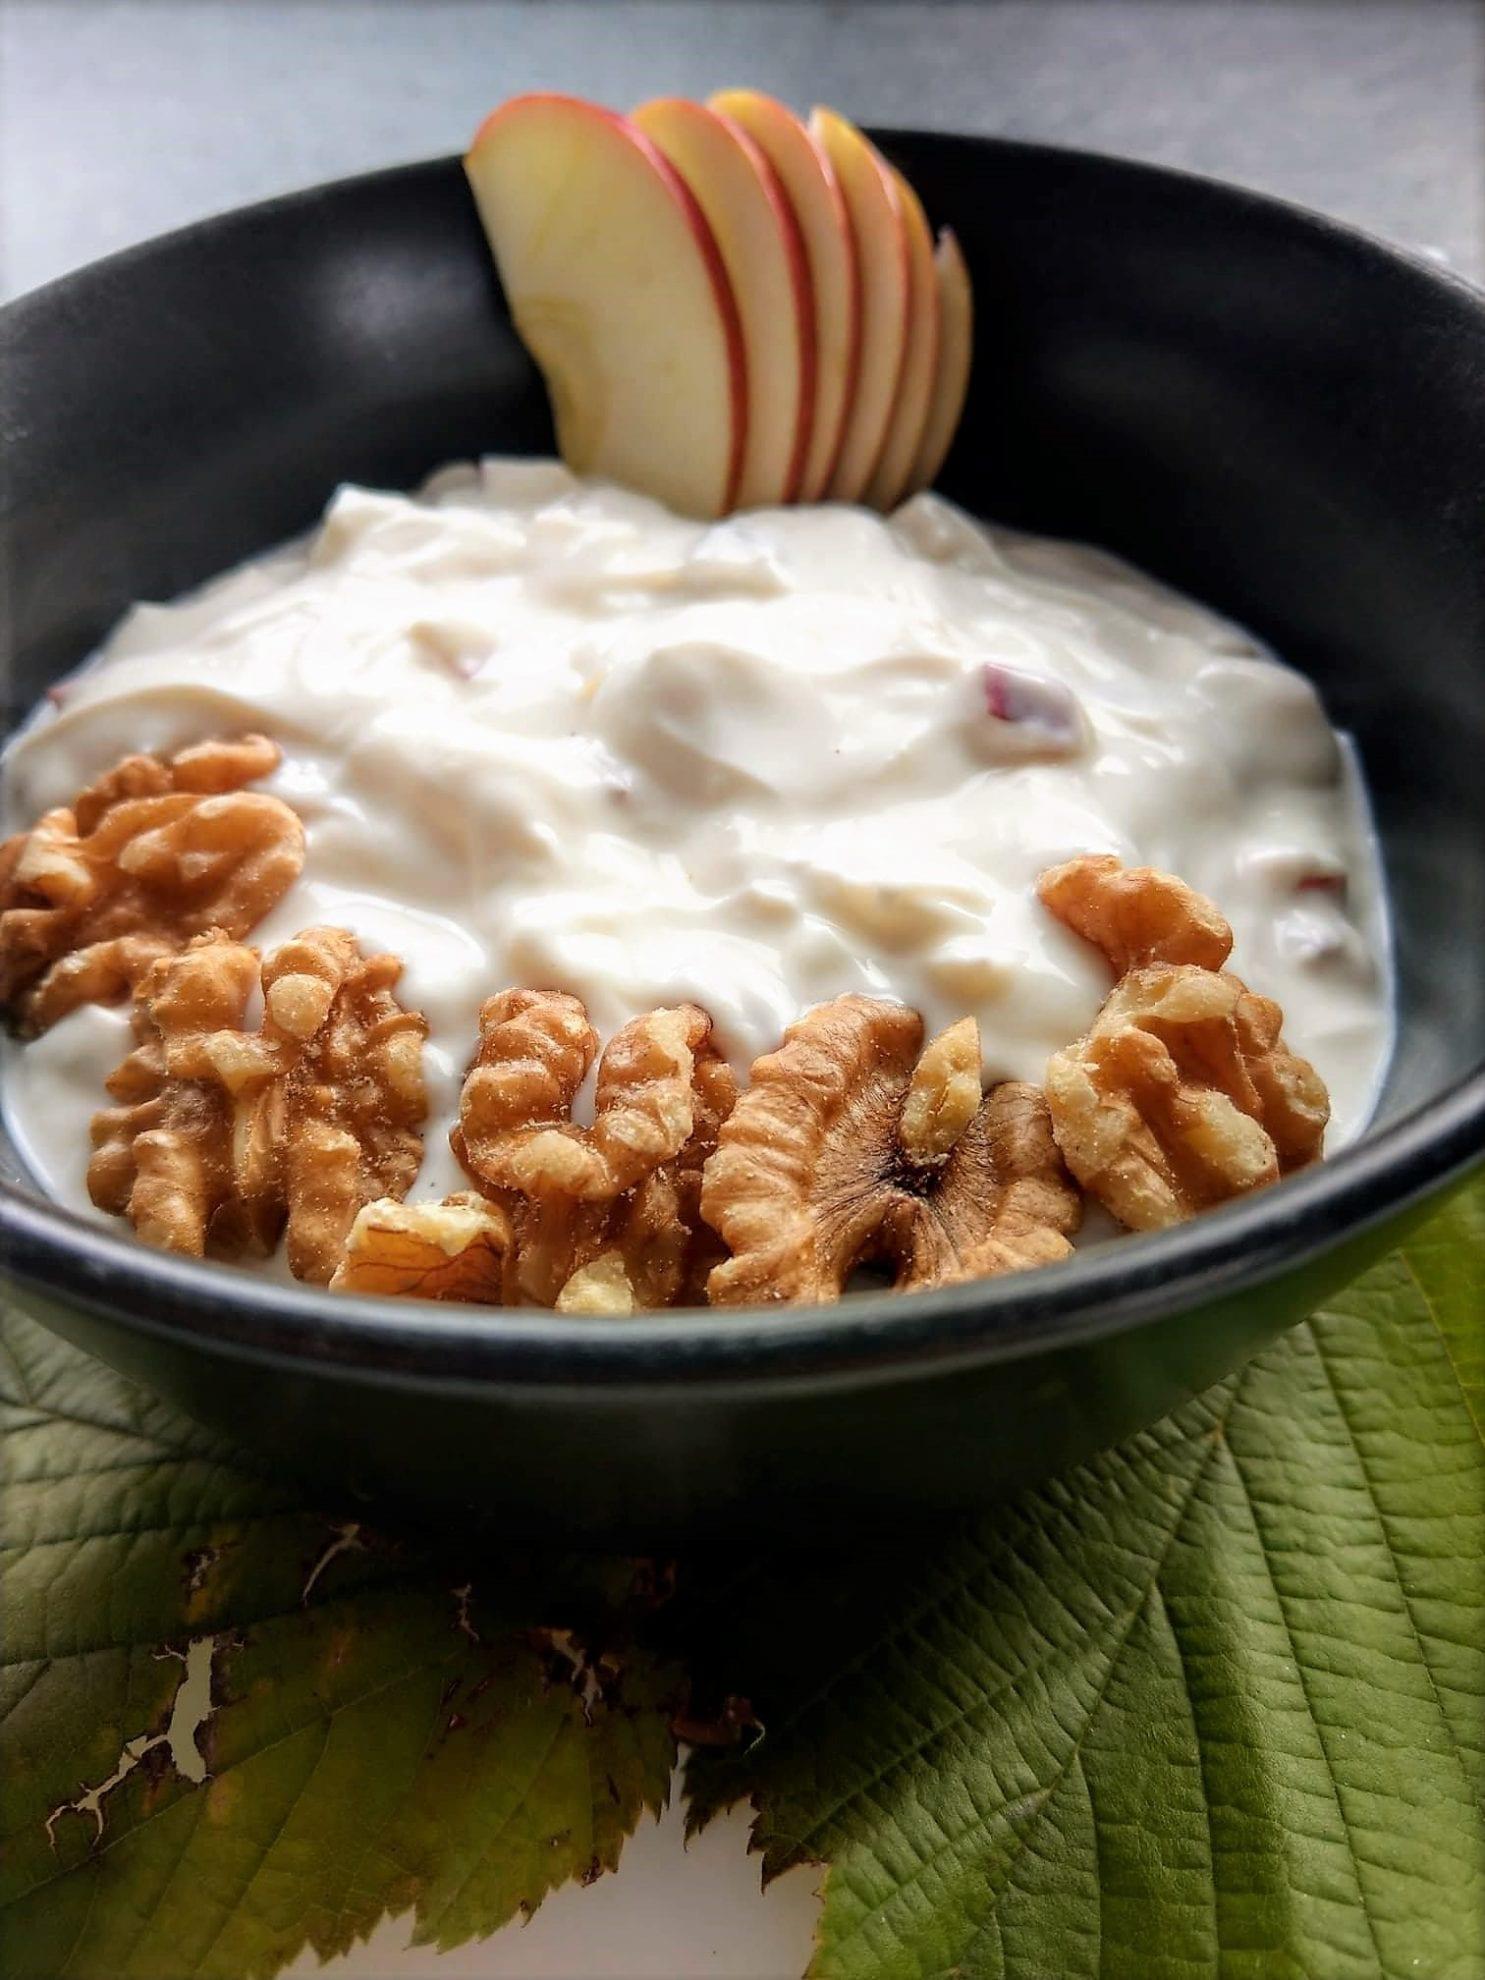 Diese herbstliche Frühstücksidee mit Joghurt, Äpfeln und Walnüssen lässt sich wunderbar einfach umsetzen und eignet sich auch perfekt als Nachtisch.